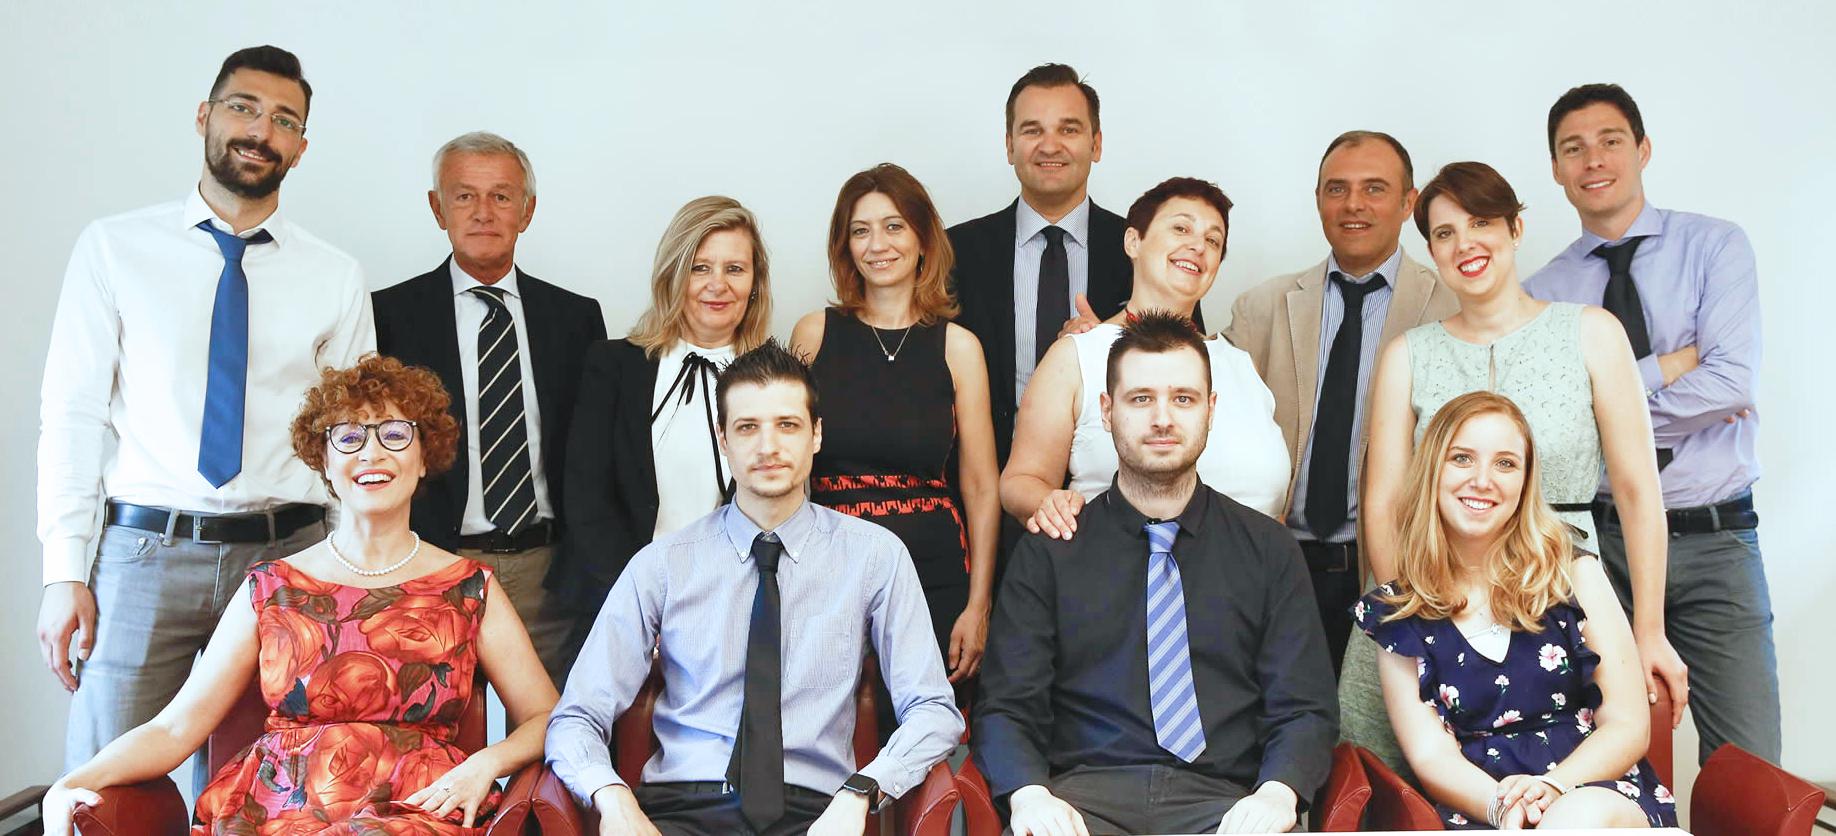 Ecolight servizi la squadra, Chi siamo la squadra il team